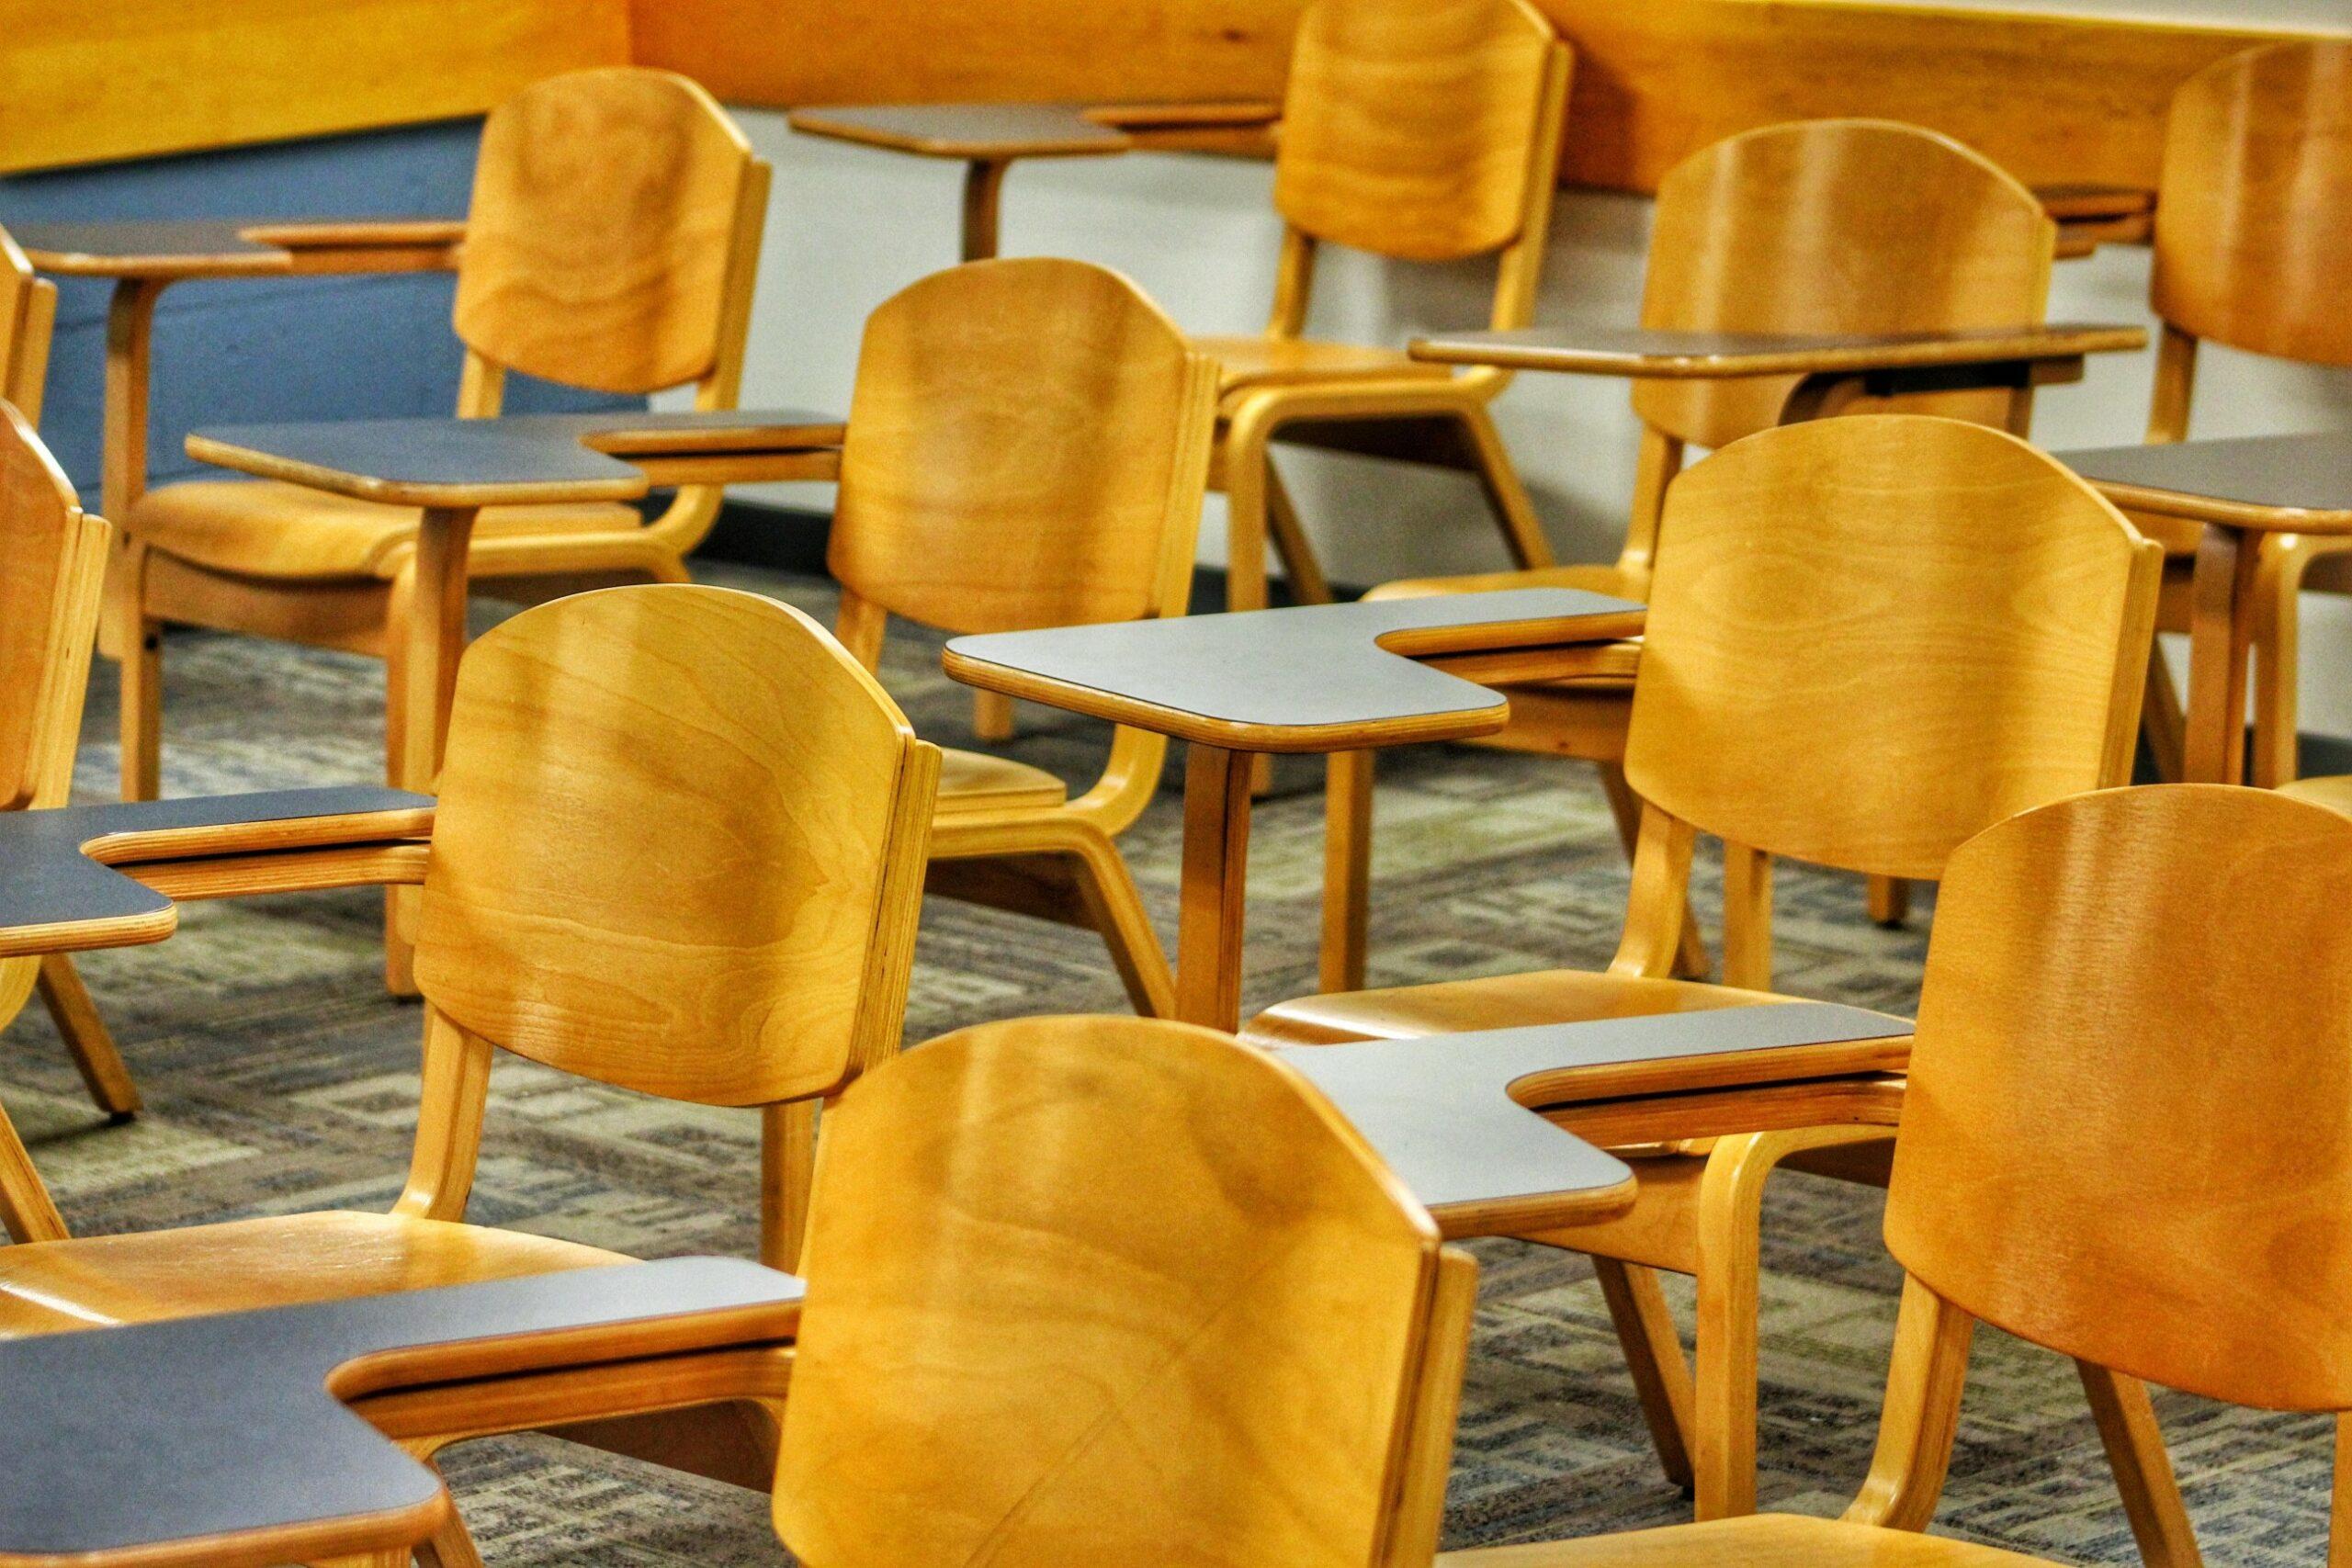 une salle de classe avec des chaises vides